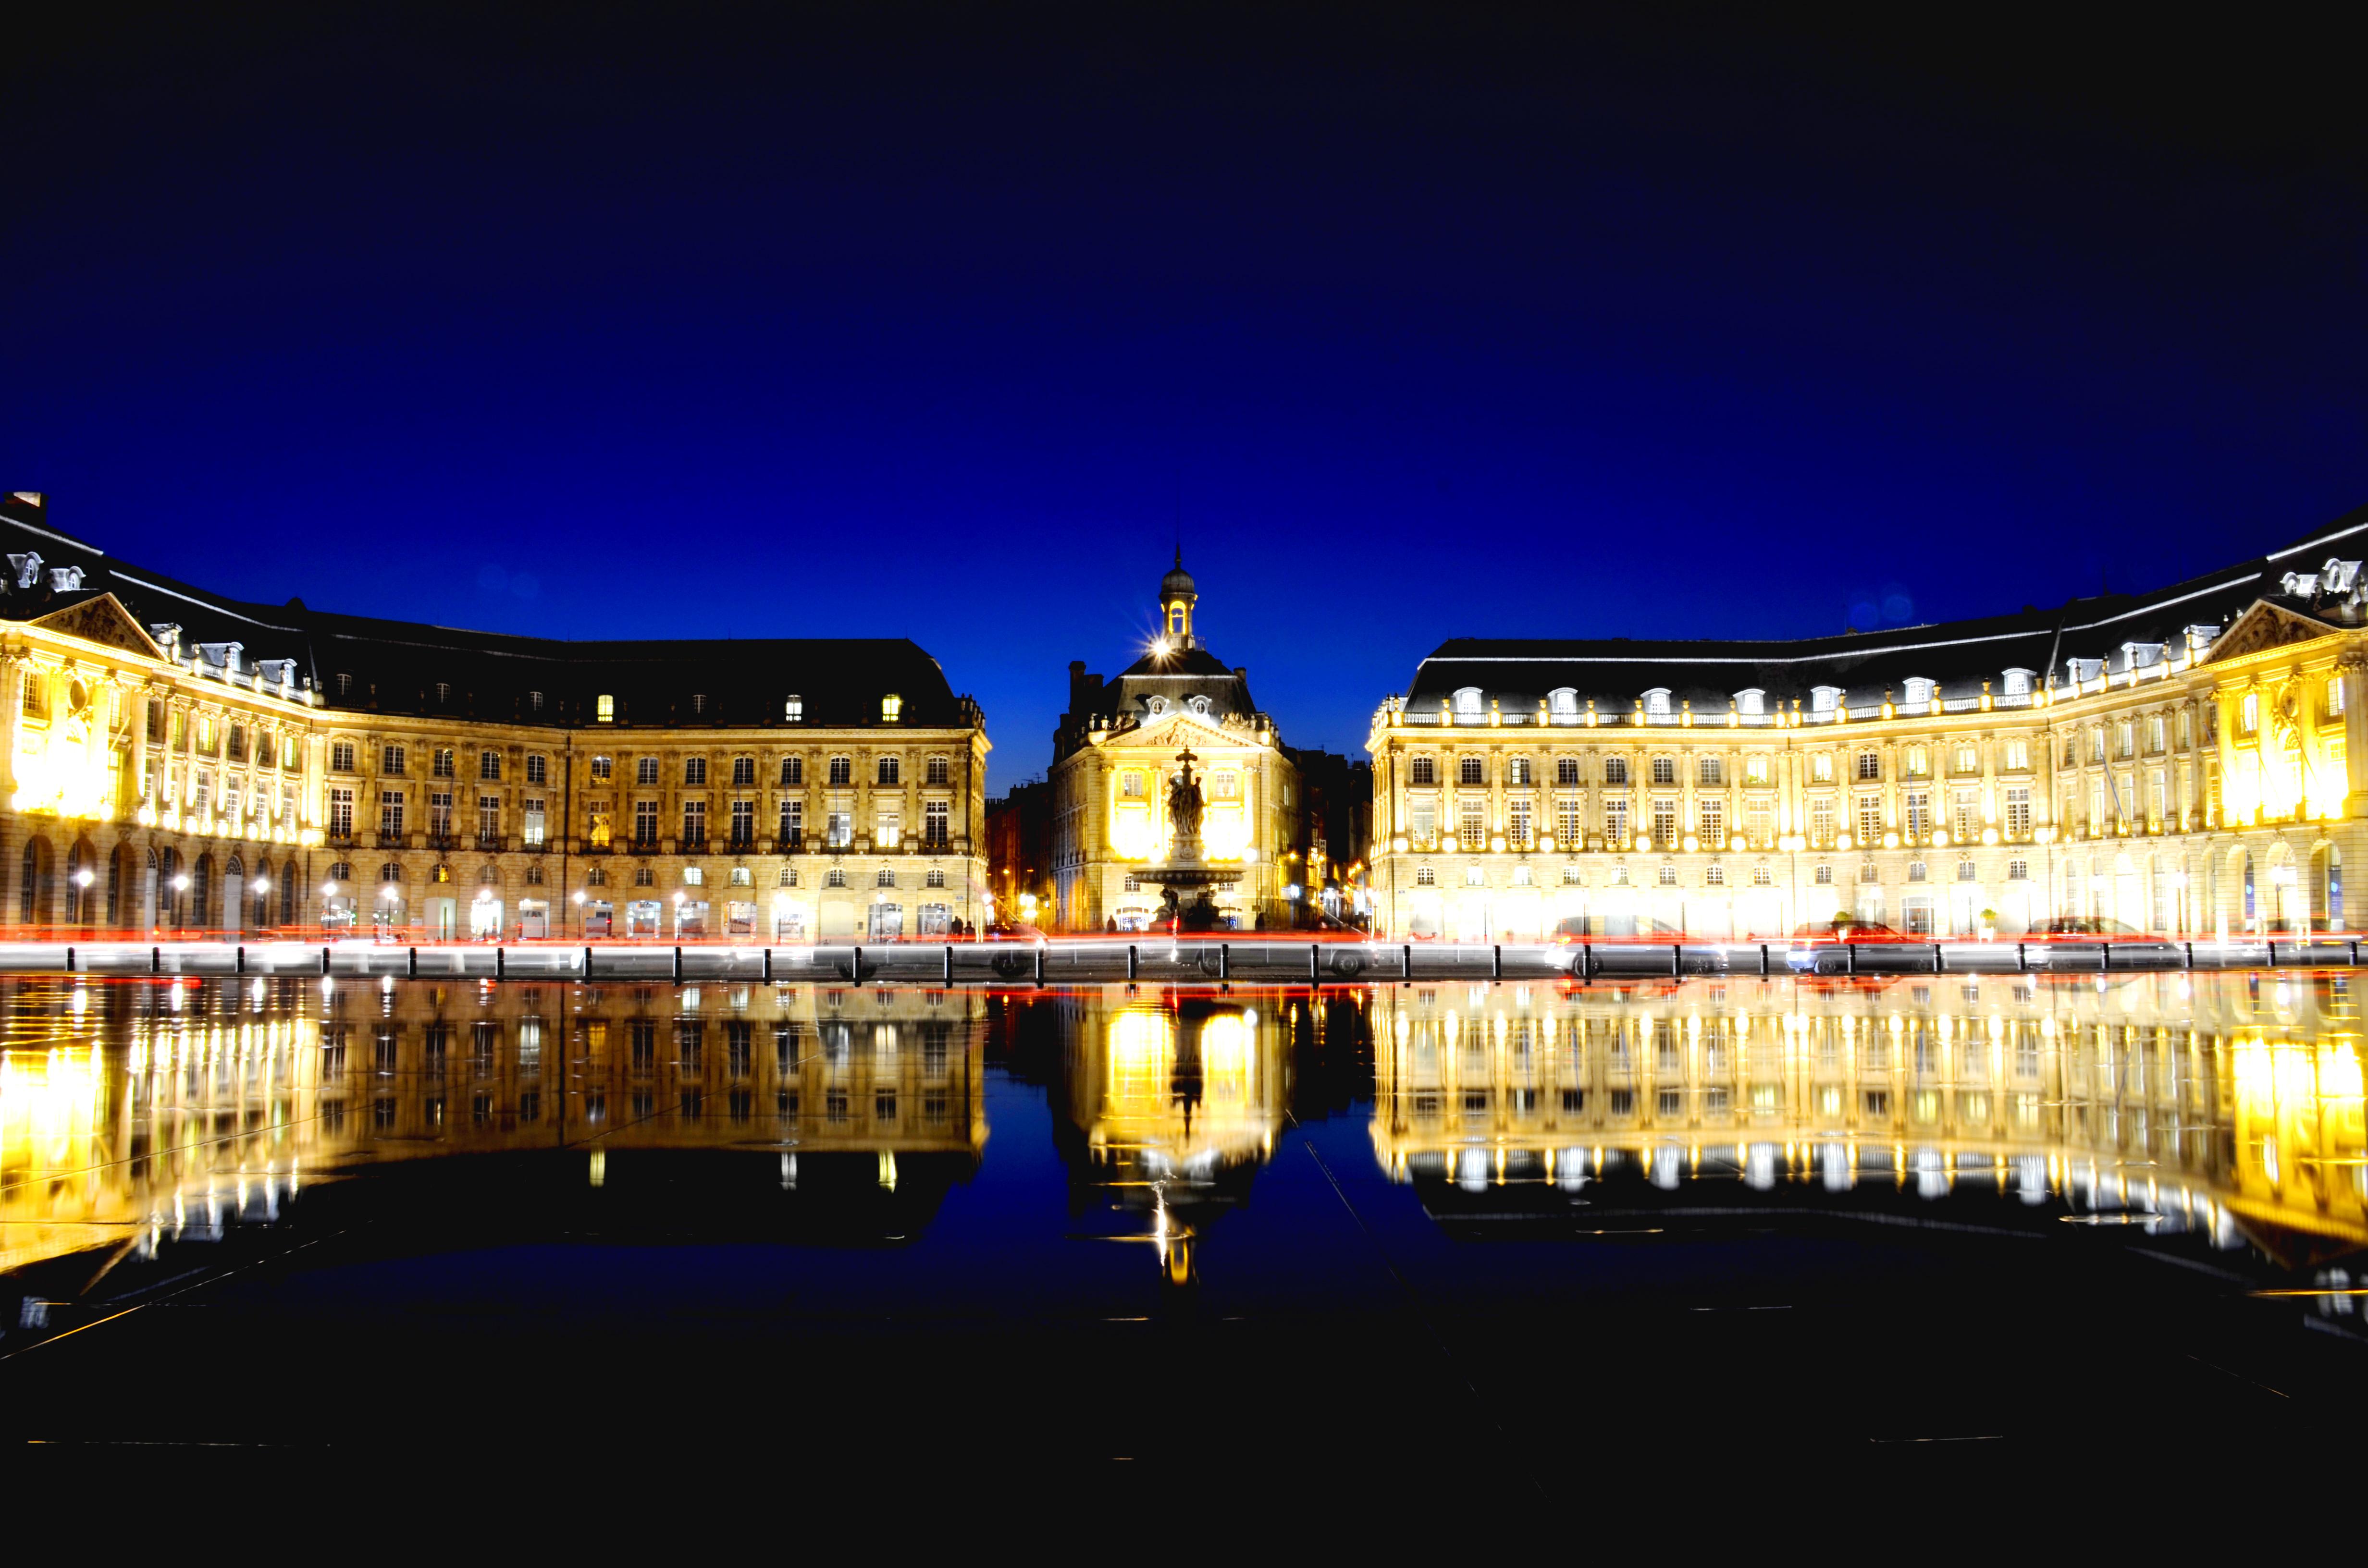 Borudeaux【France】